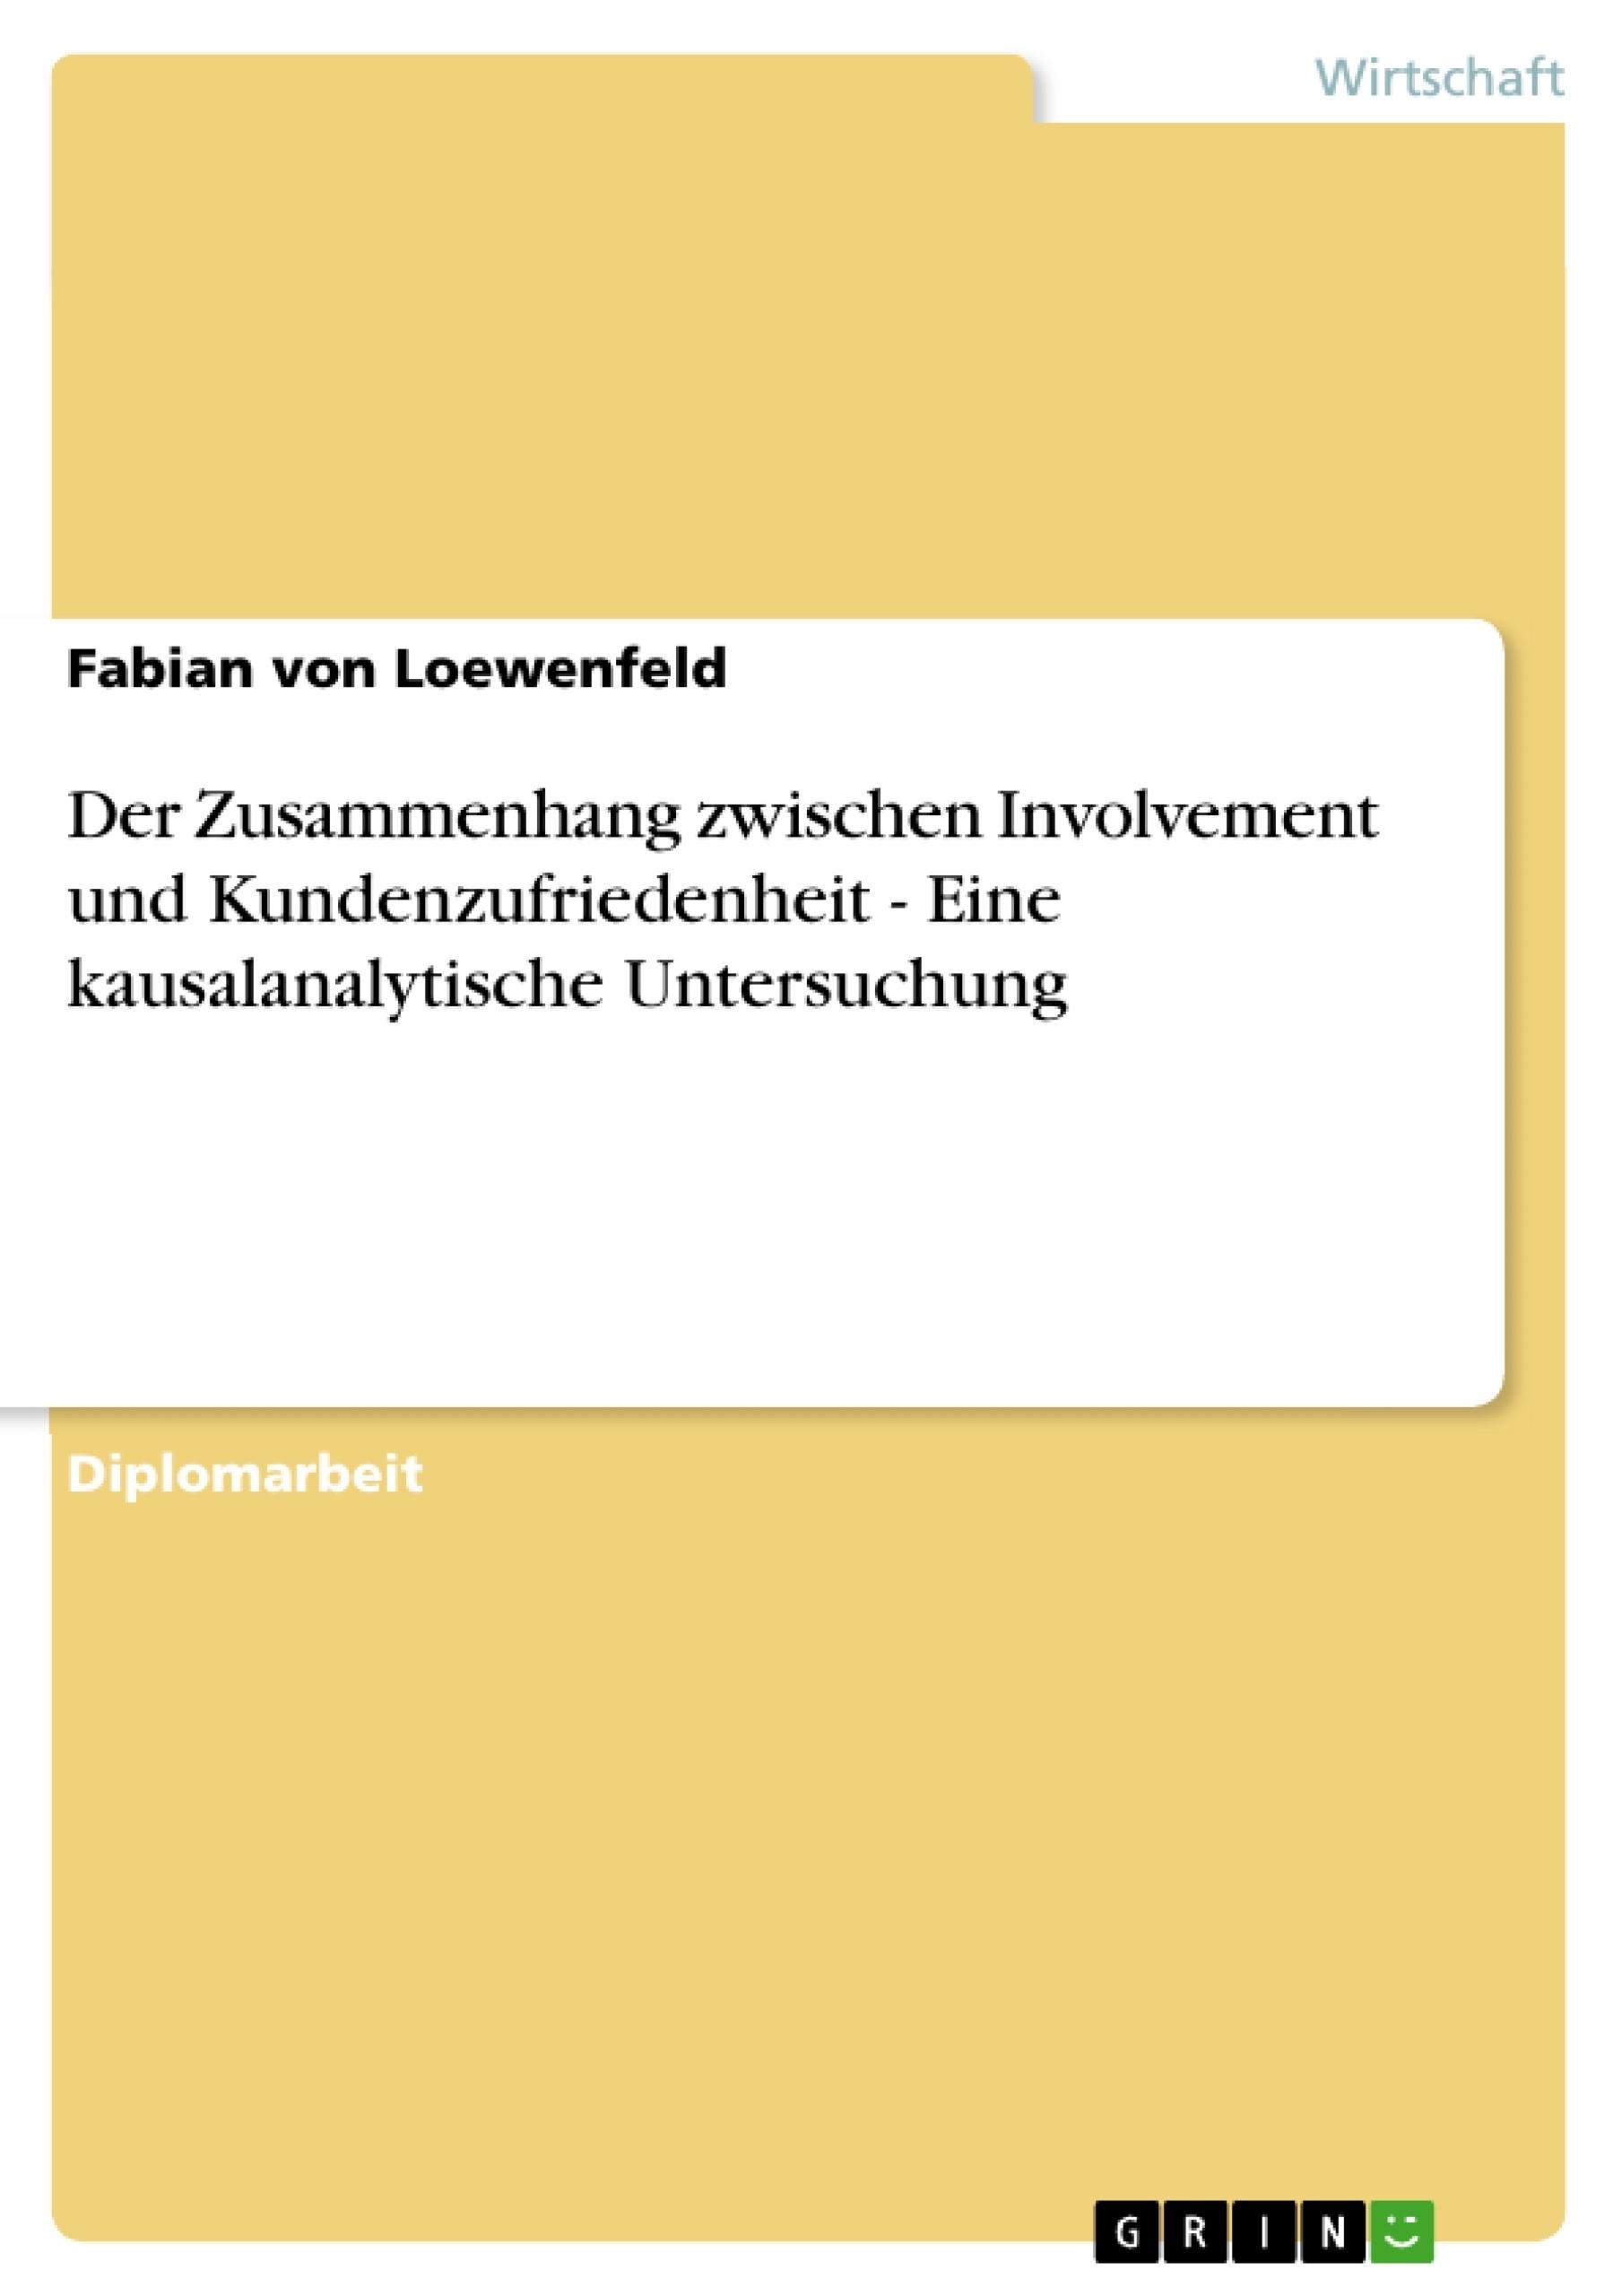 Titel: Der Zusammenhang zwischen Involvement und Kundenzufriedenheit - Eine kausalanalytische Untersuchung